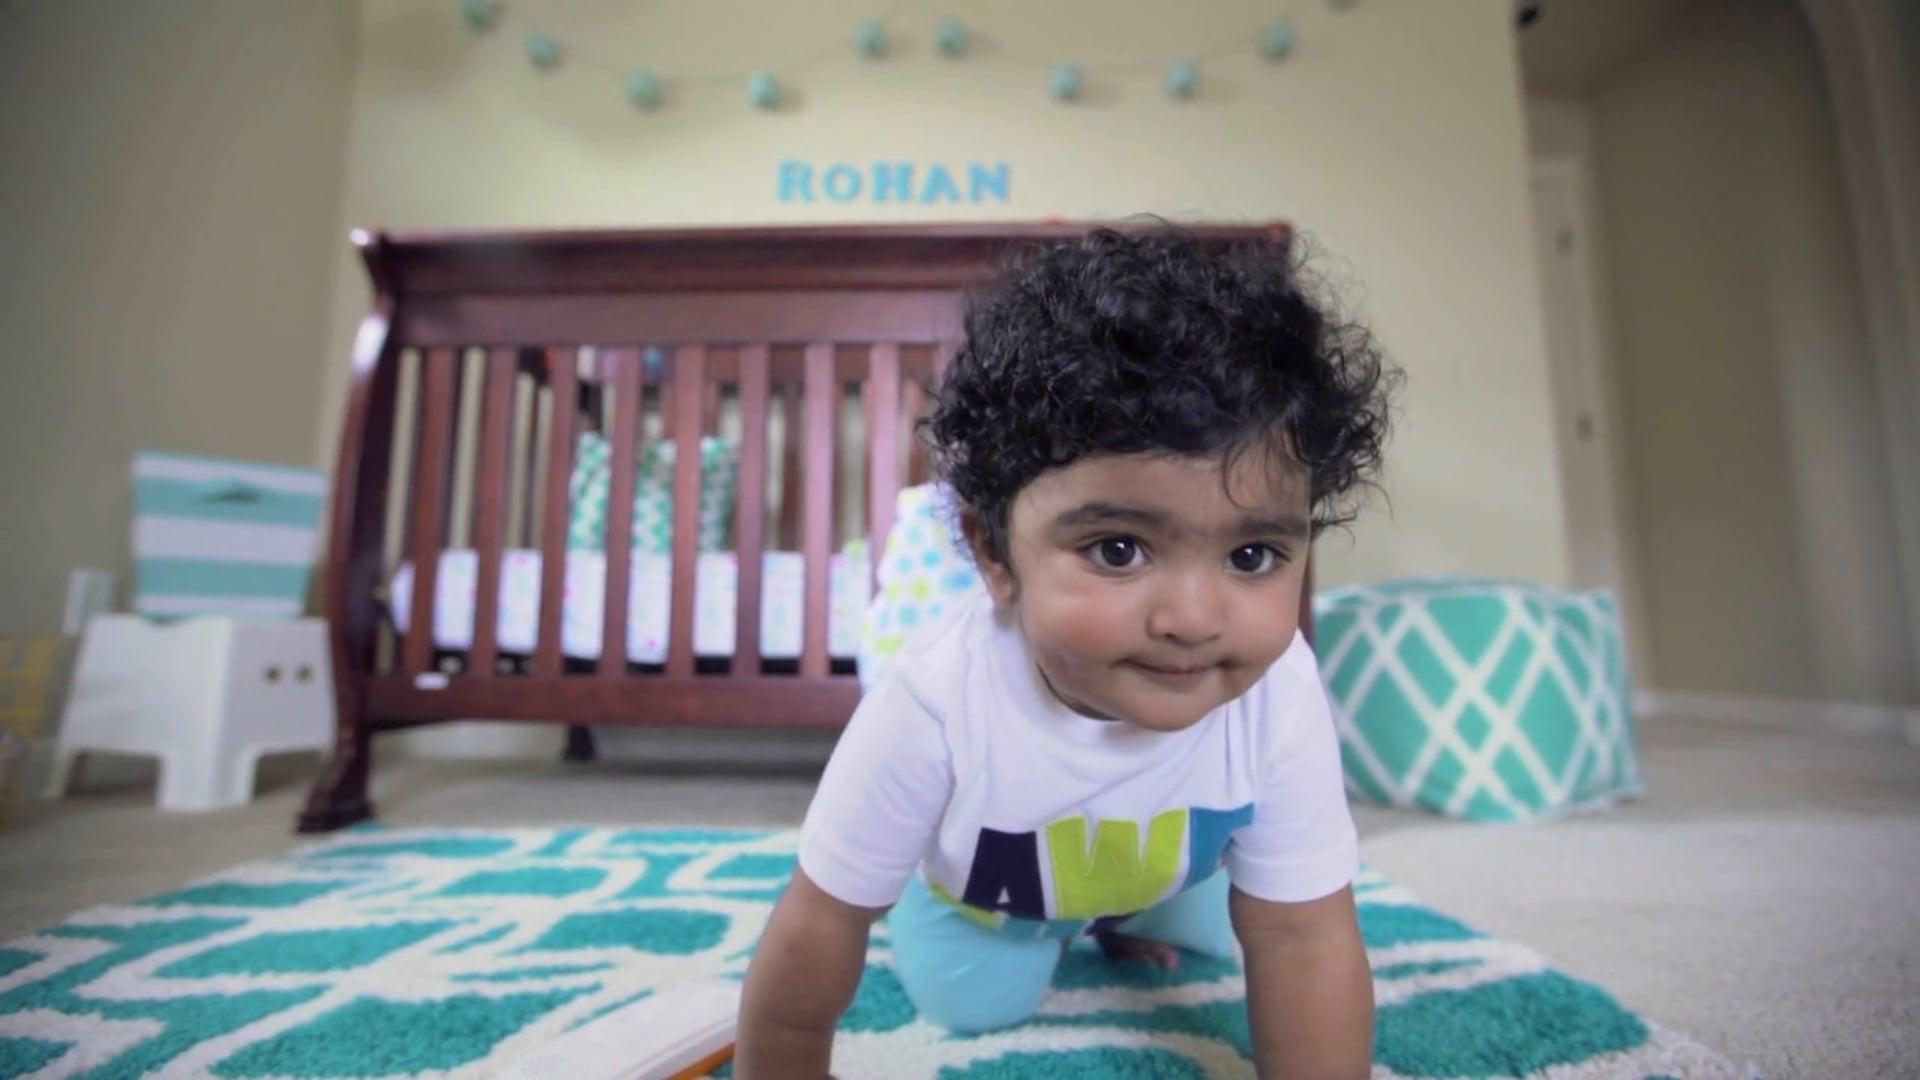 Rohan's 1st Birthday - Party Invitation